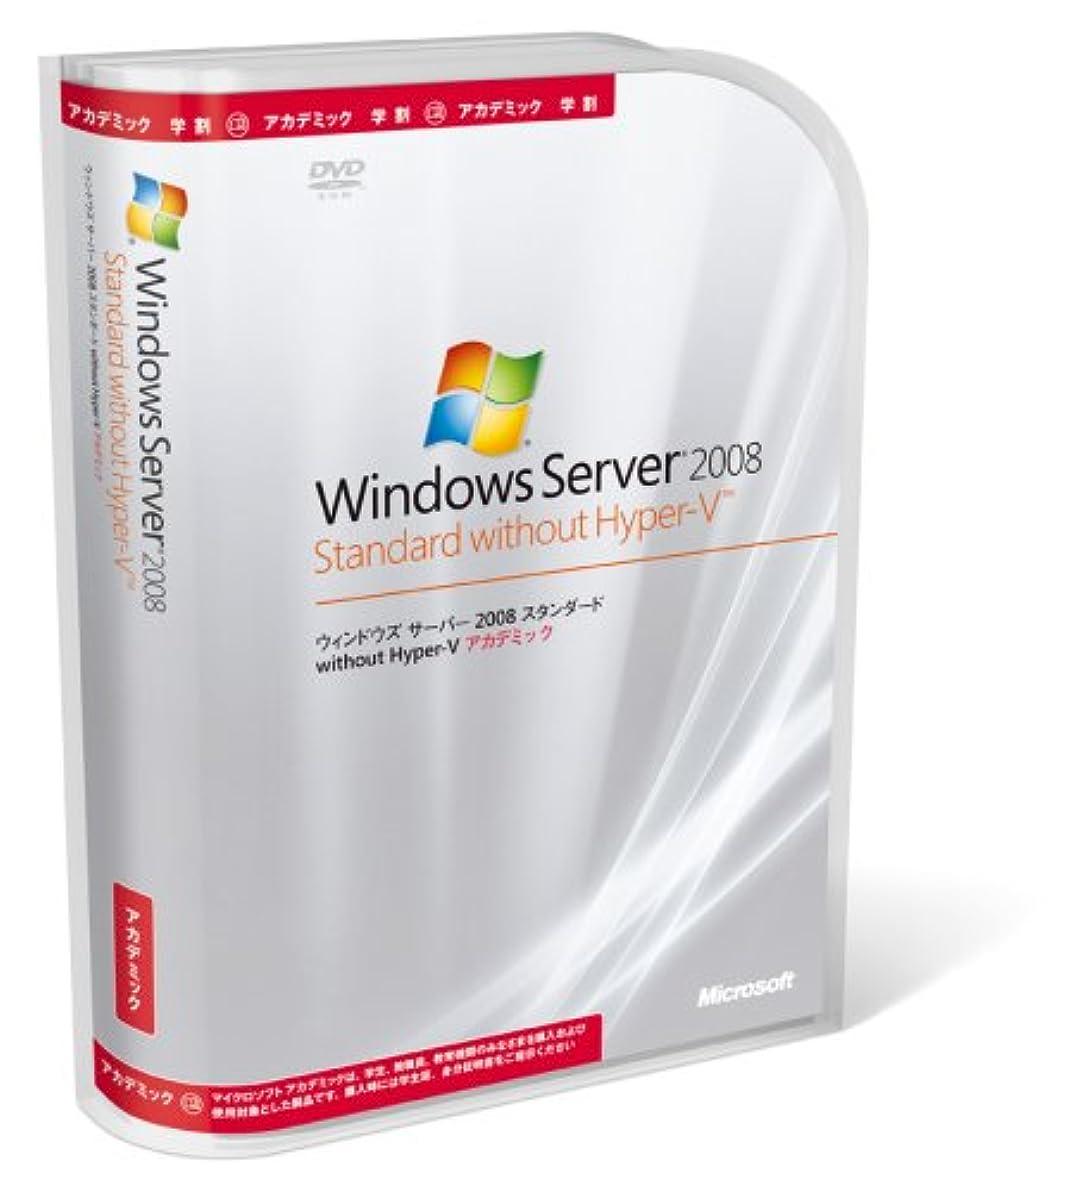 悪因子イタリアの符号Windows Server 2008 Standard without Hyper-V アカデミック (5クライアント アクセス ライセンス付)